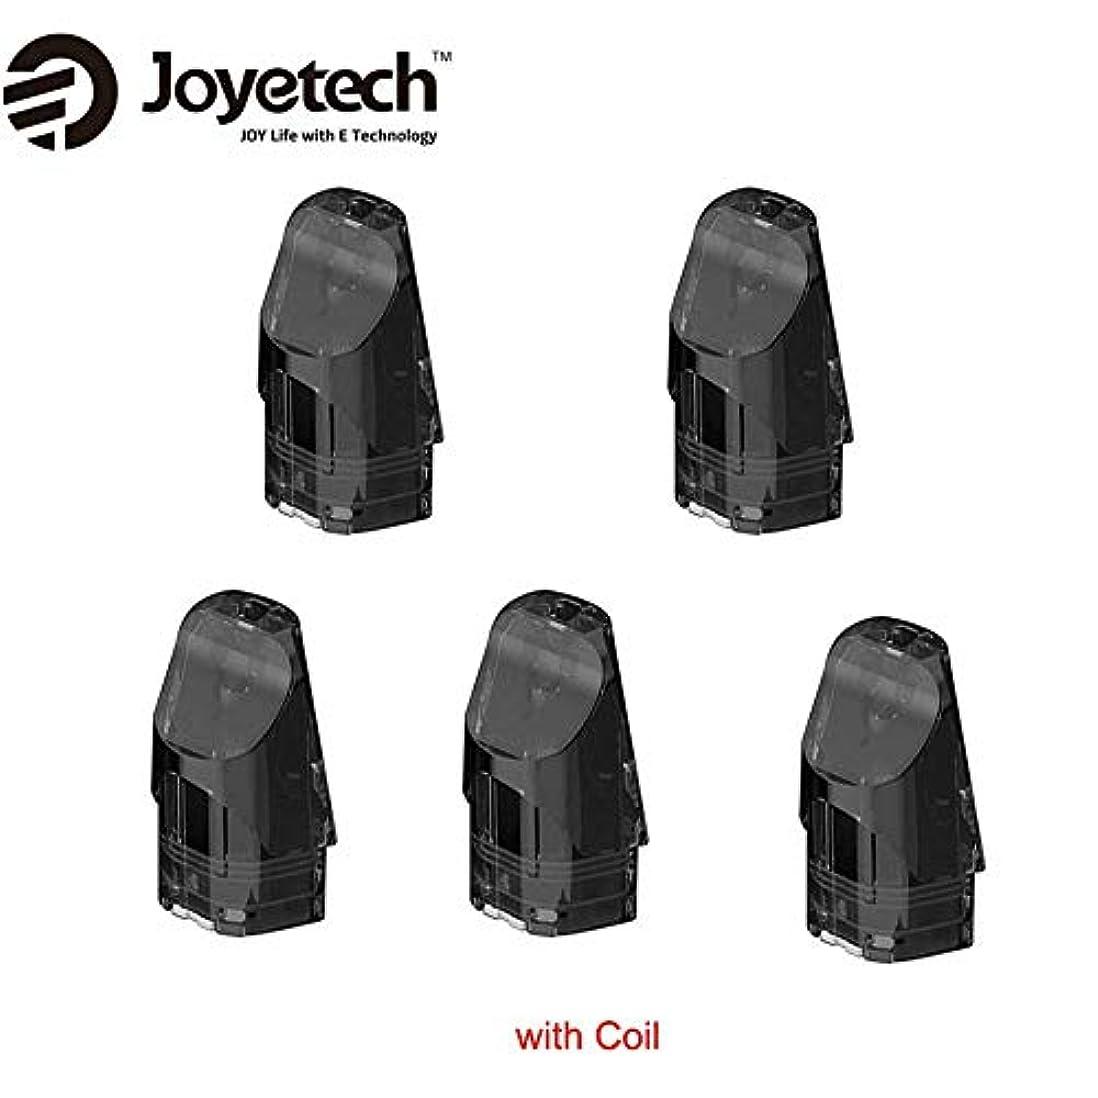 伝統ドールタイト正規品Joyetech Exceed Edge Podカートリッジ 2ml 内蔵1.2ohmコイル 5個セット 1パック